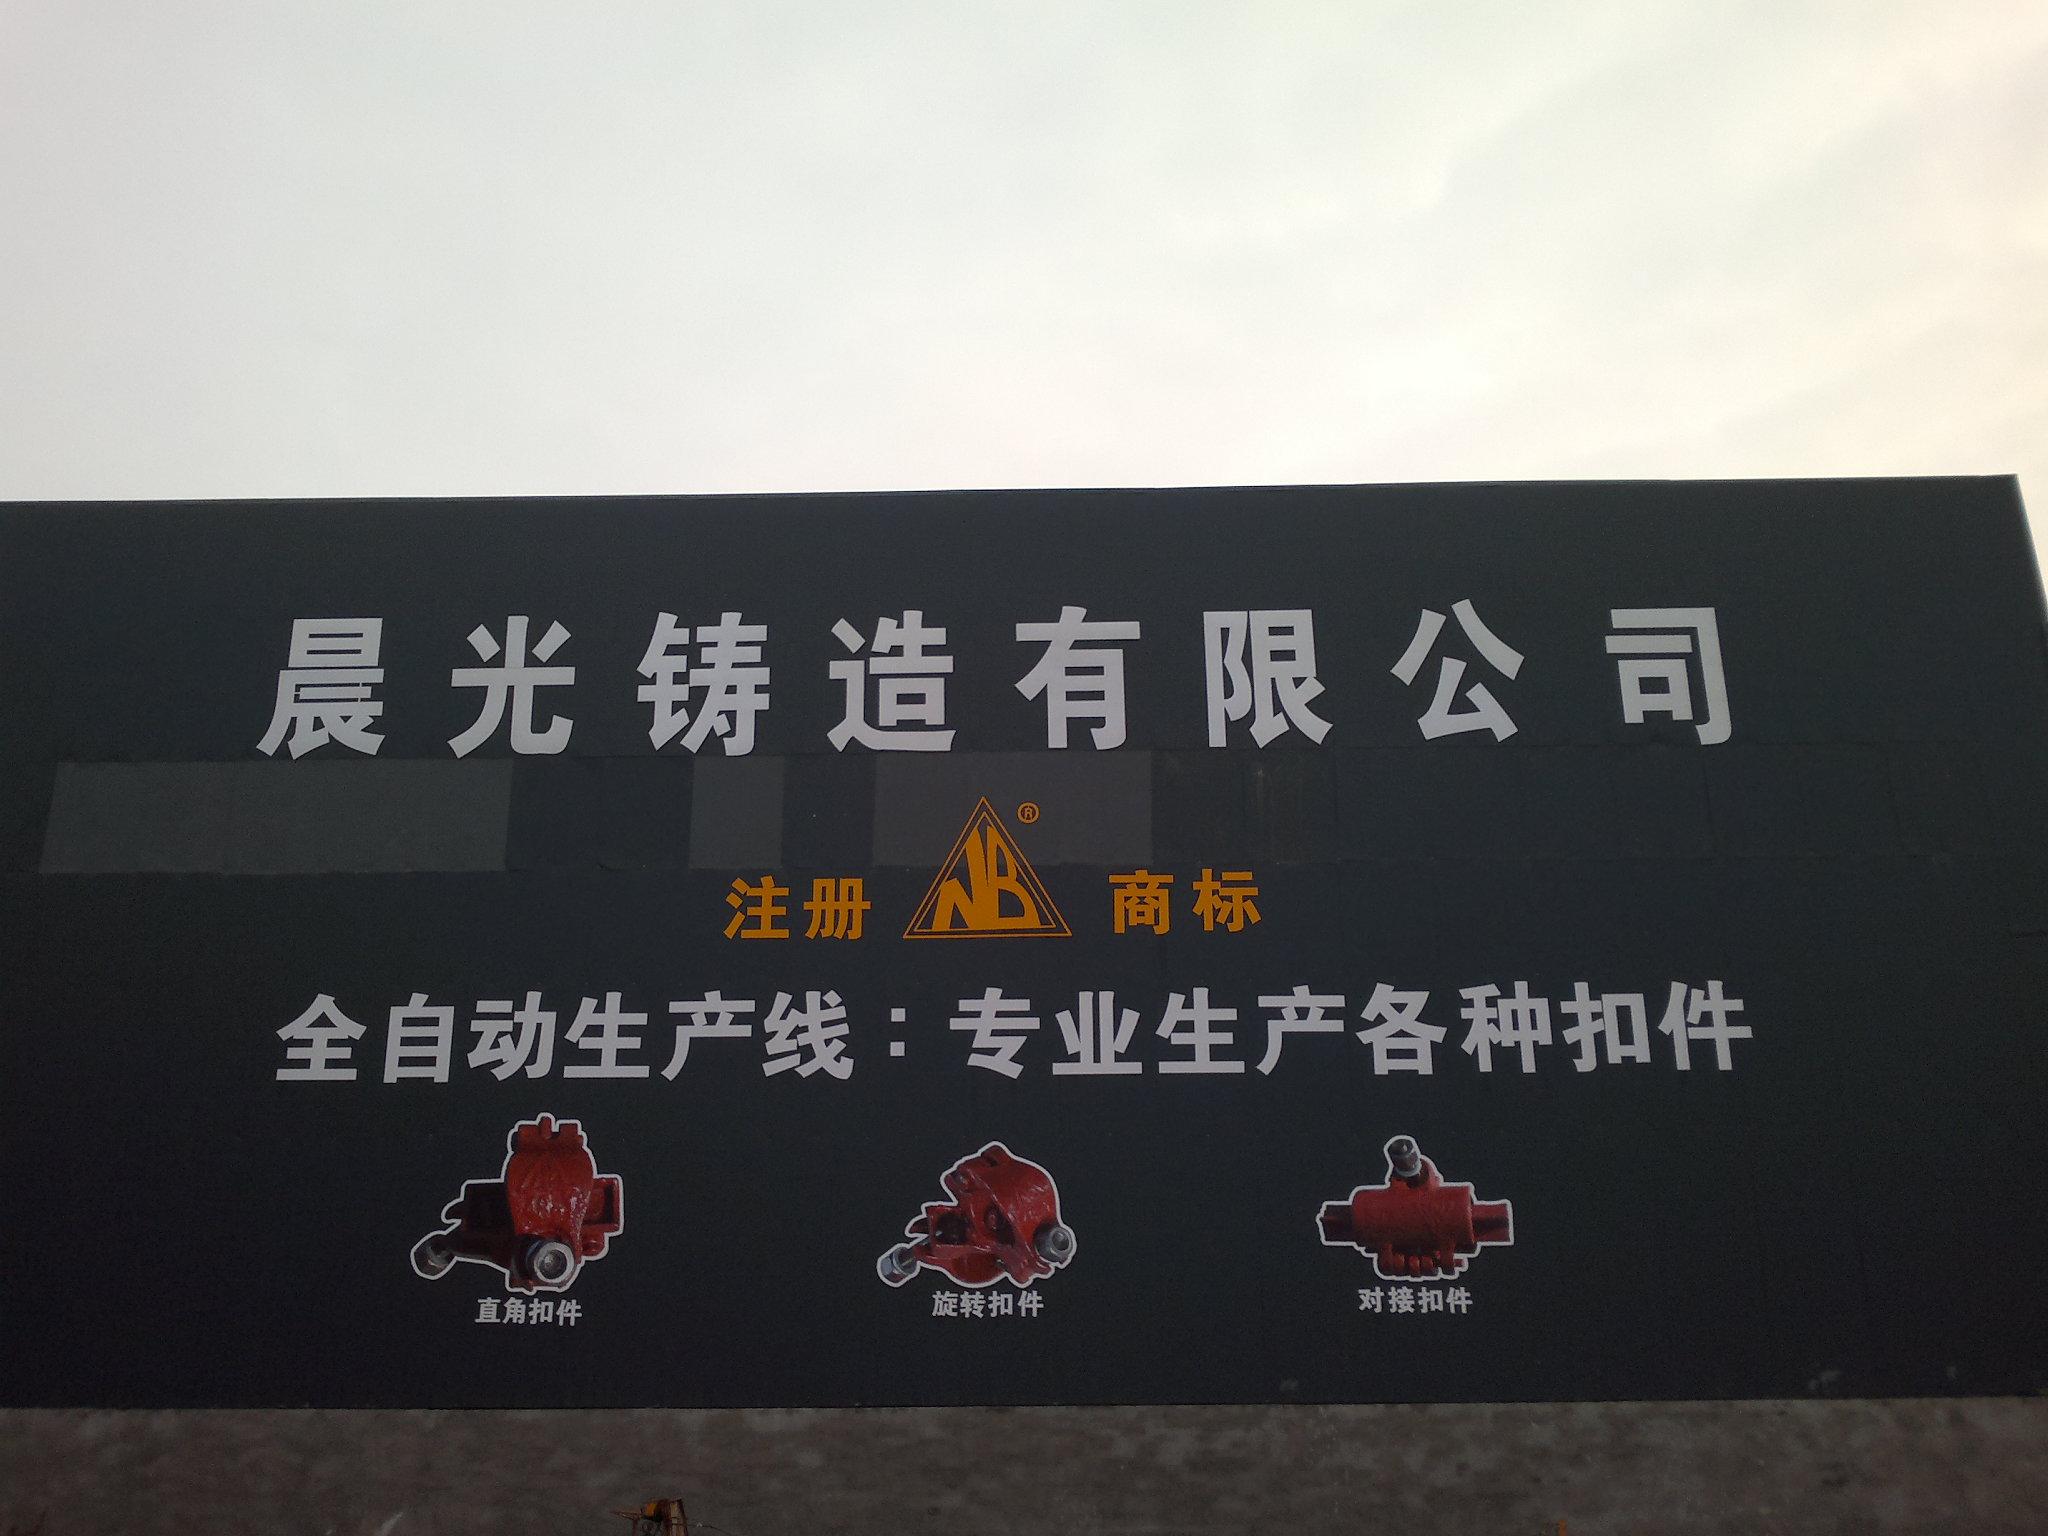 孟村回族自治县晨光铸造有限公司